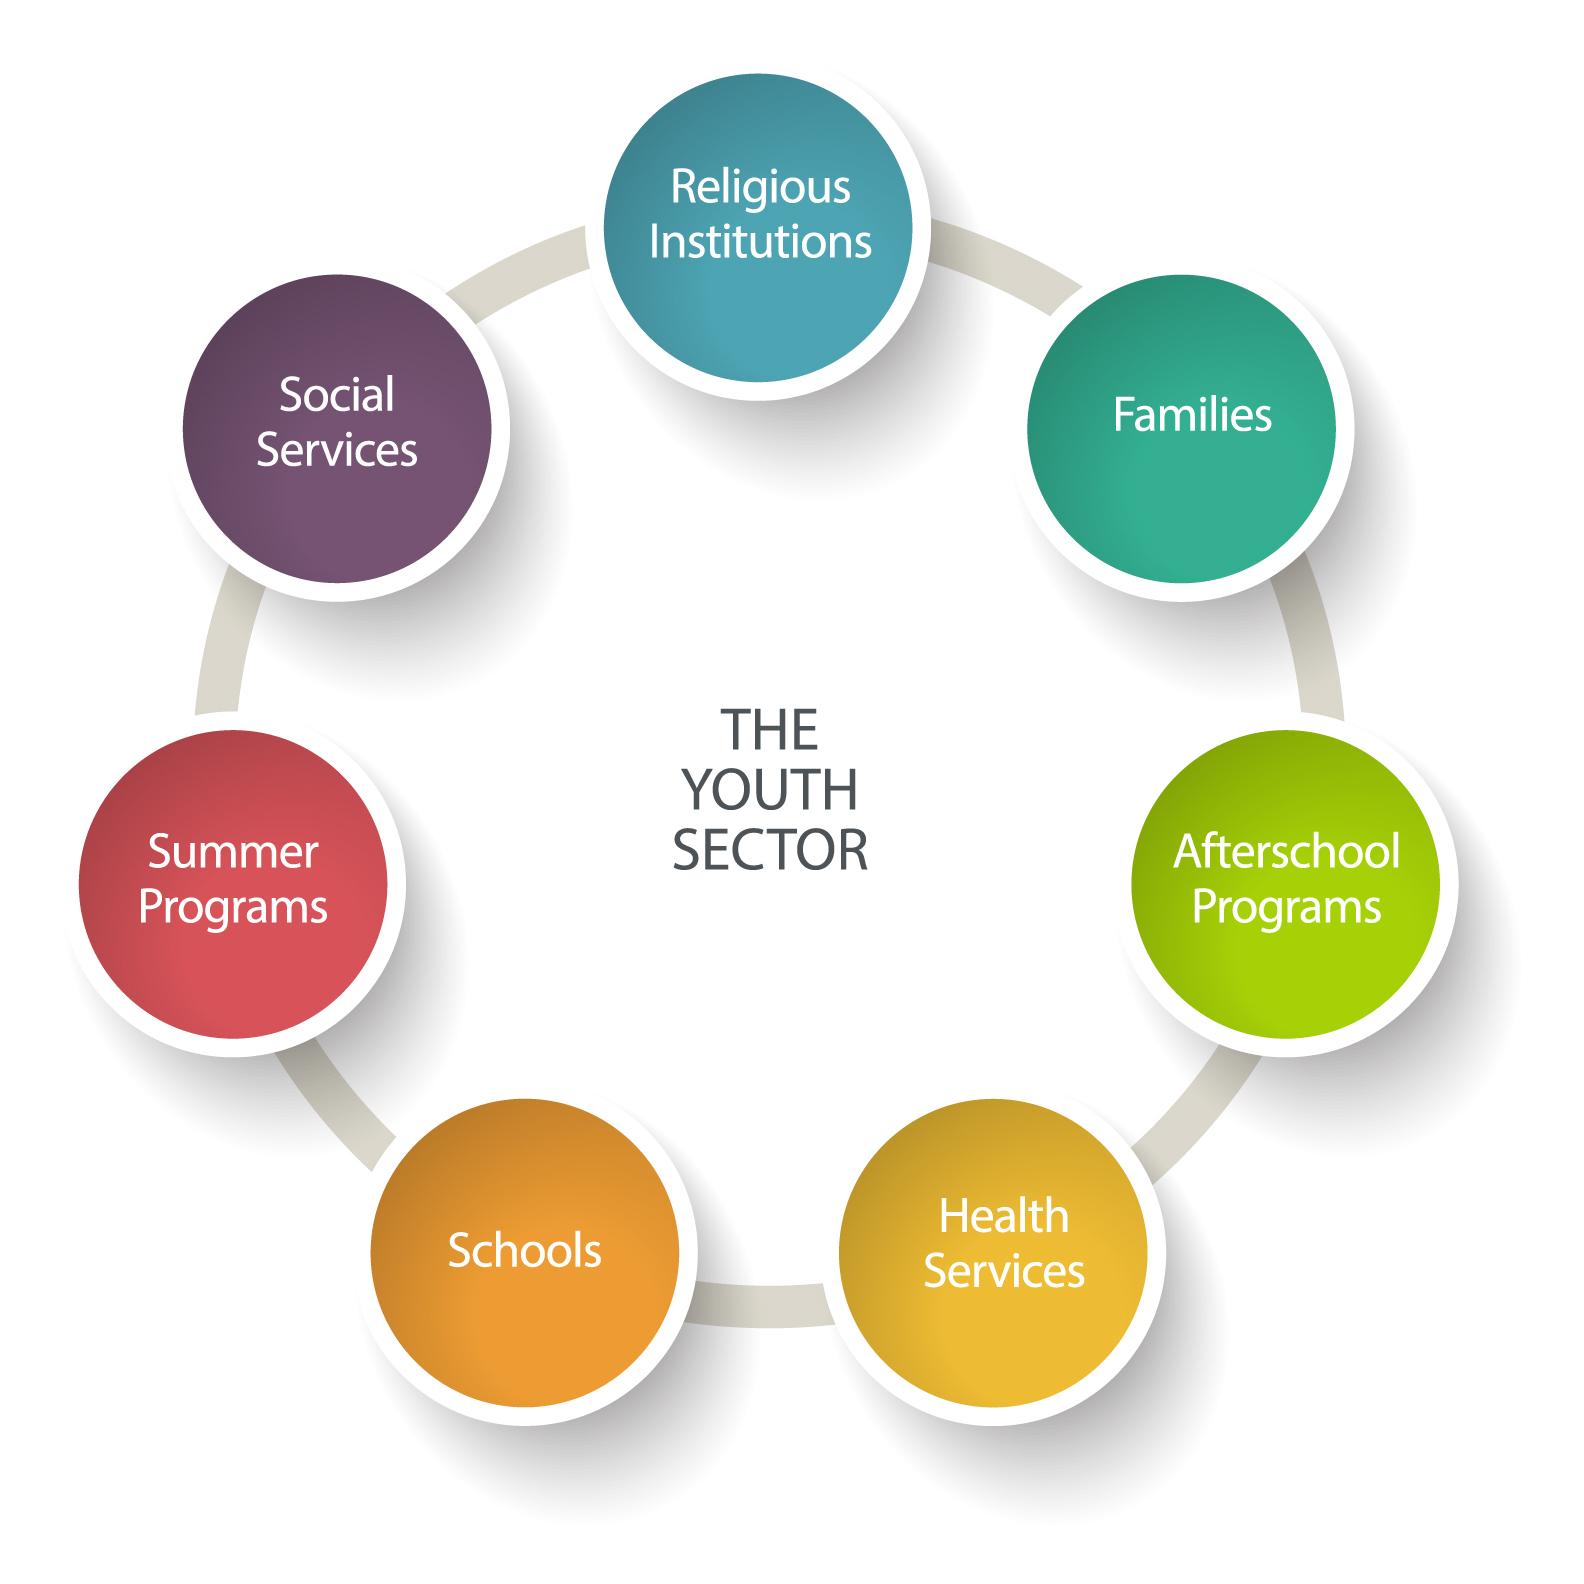 youth-sector-rgb-high copy.jpg